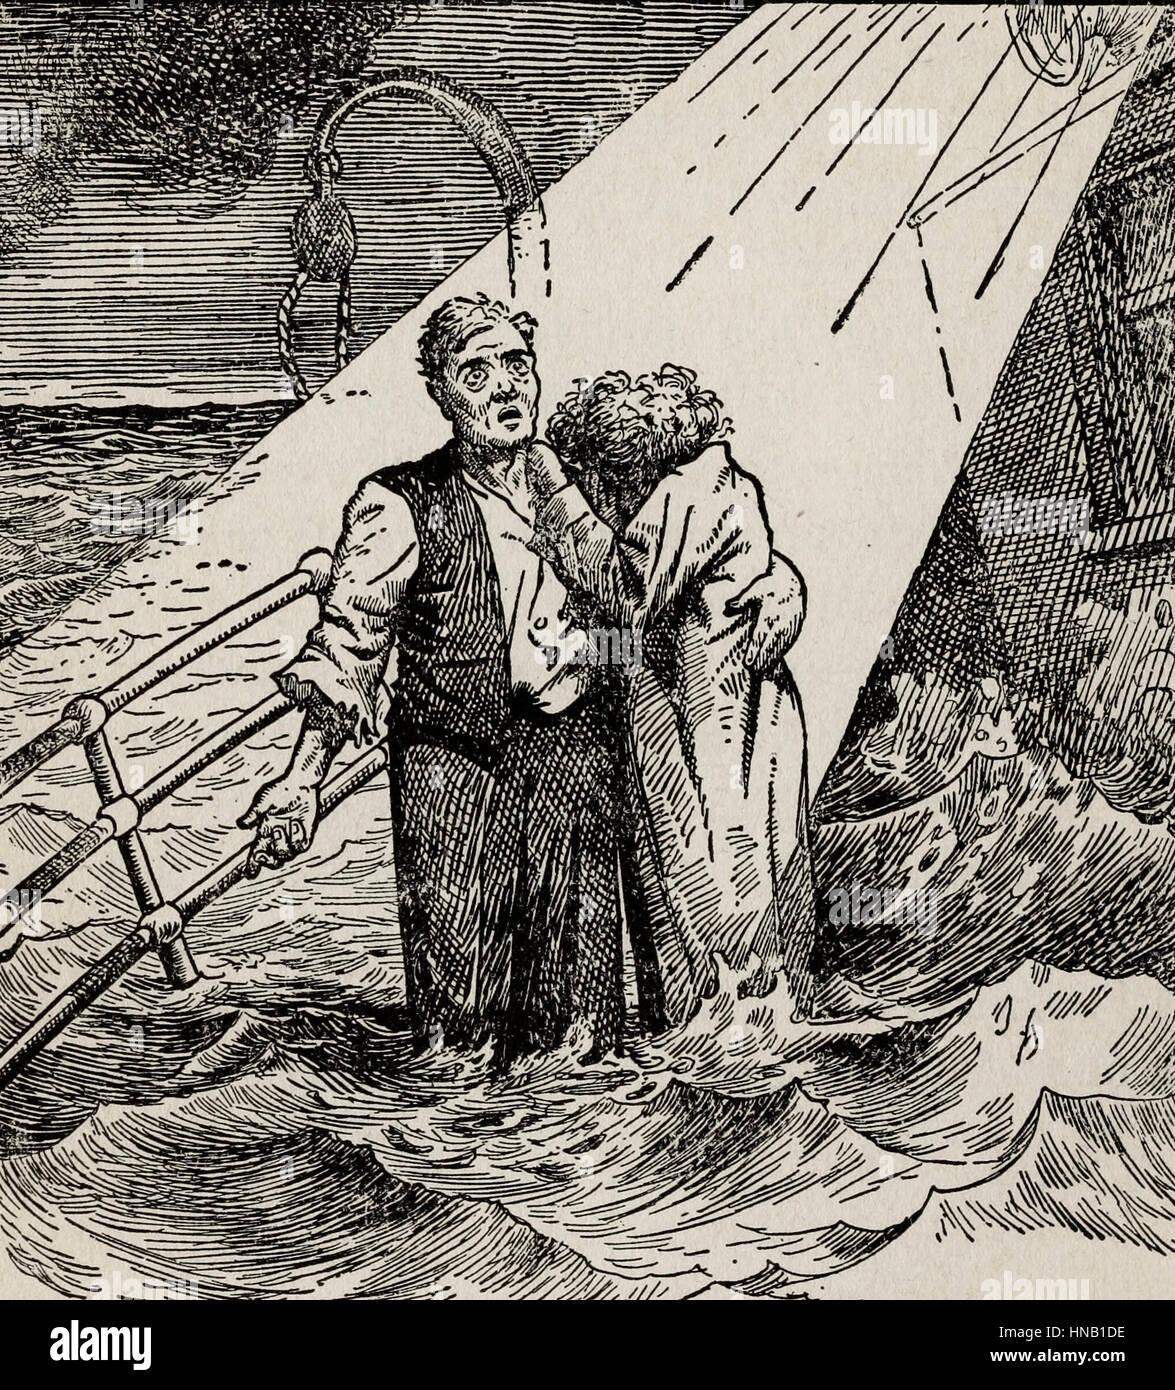 Más cerca de mi Dios a ti- a bordo del naufragio del Titanic Foto de stock